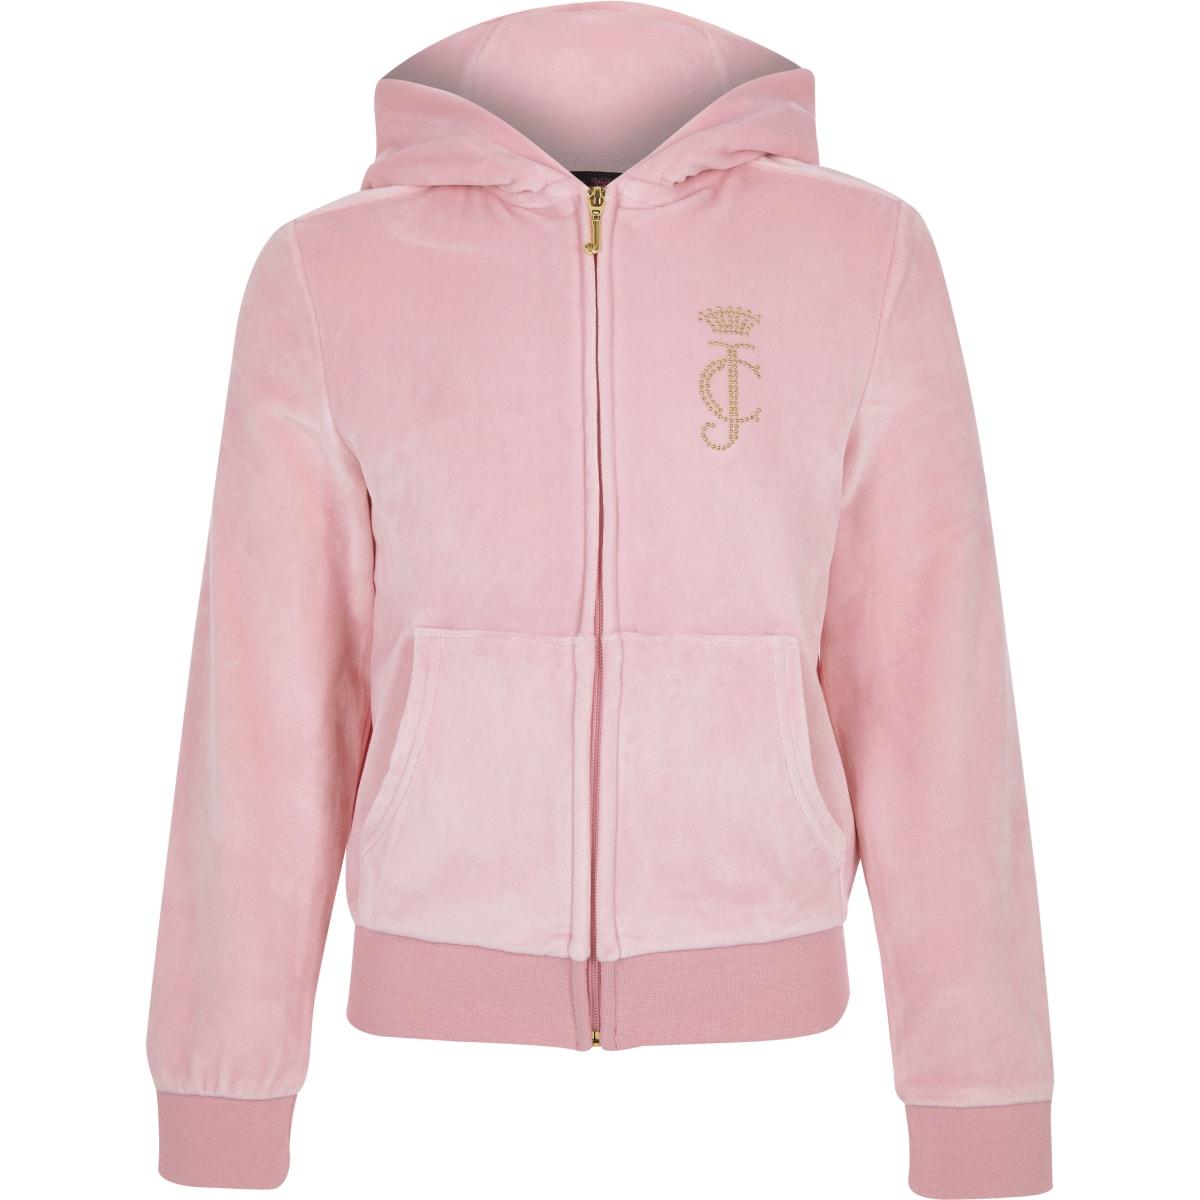 Juicy Couture - Lichtroze trainingstop voor meisjes